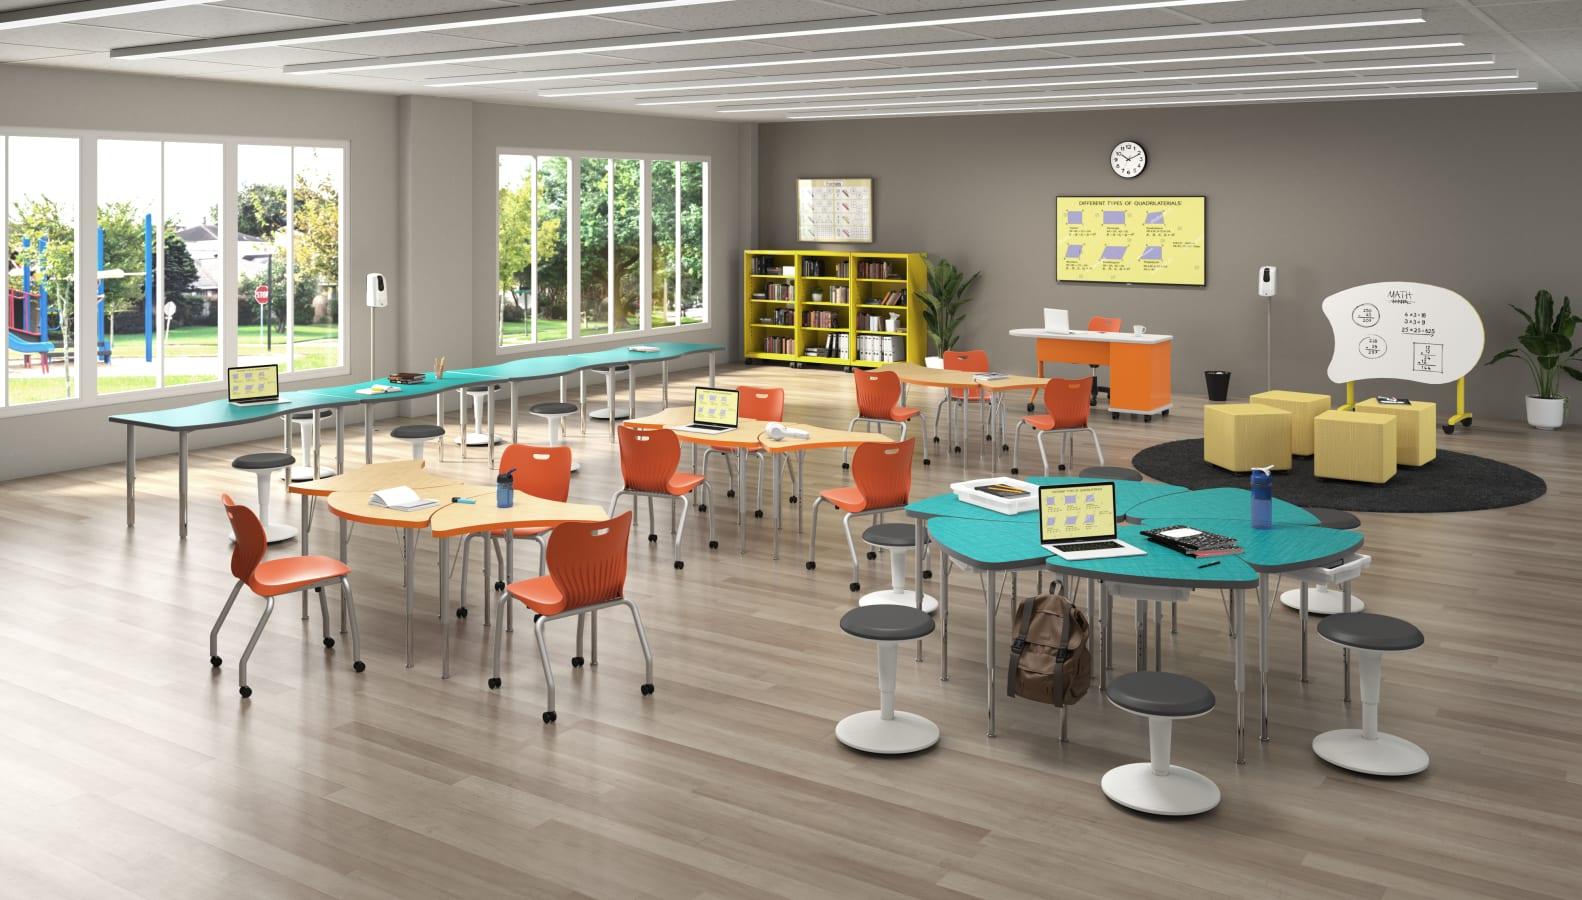 HON/Chairs/Revel/HON-Revel-500-001